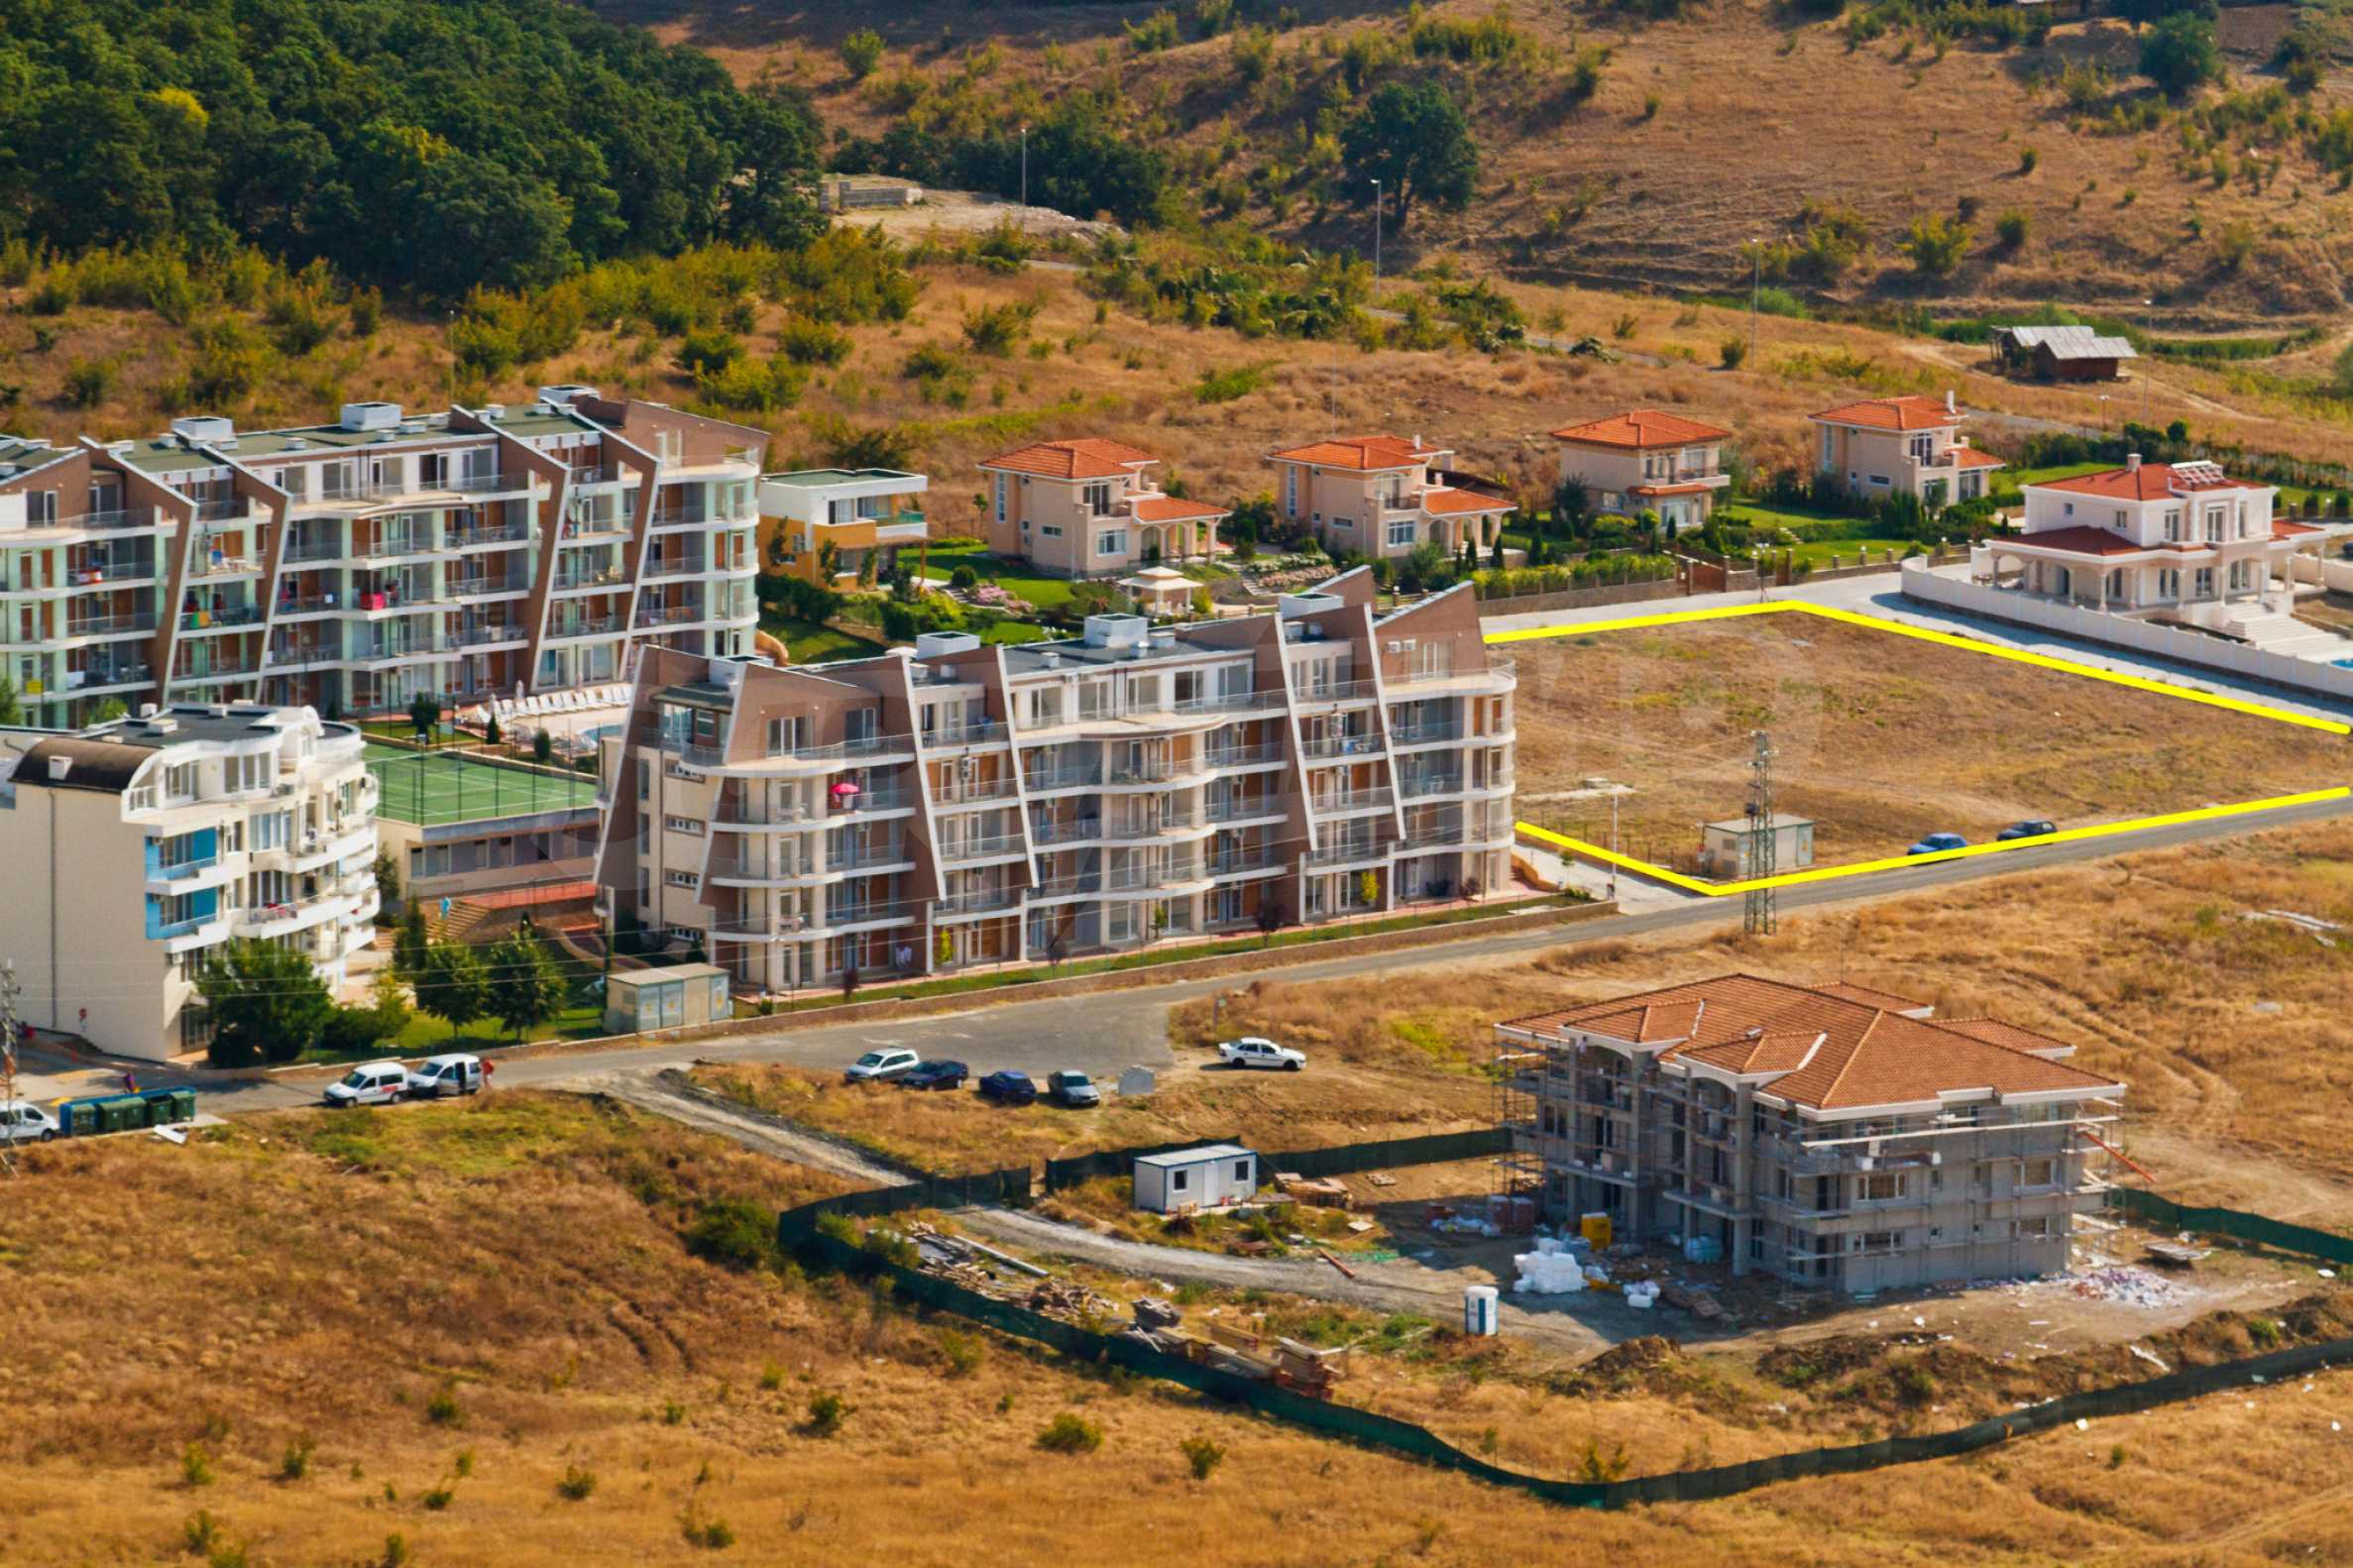 Erschlossene Grundstücke in der luxuriösen Villa-Siedlung SUNSET VILLAS 6